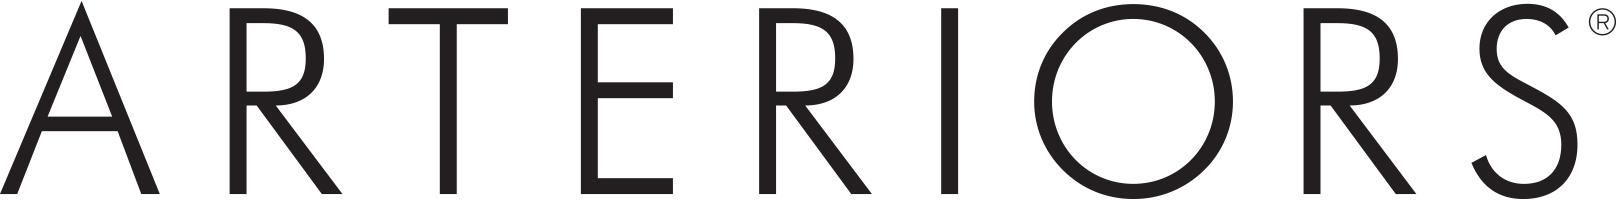 2016 Arteriors Logo